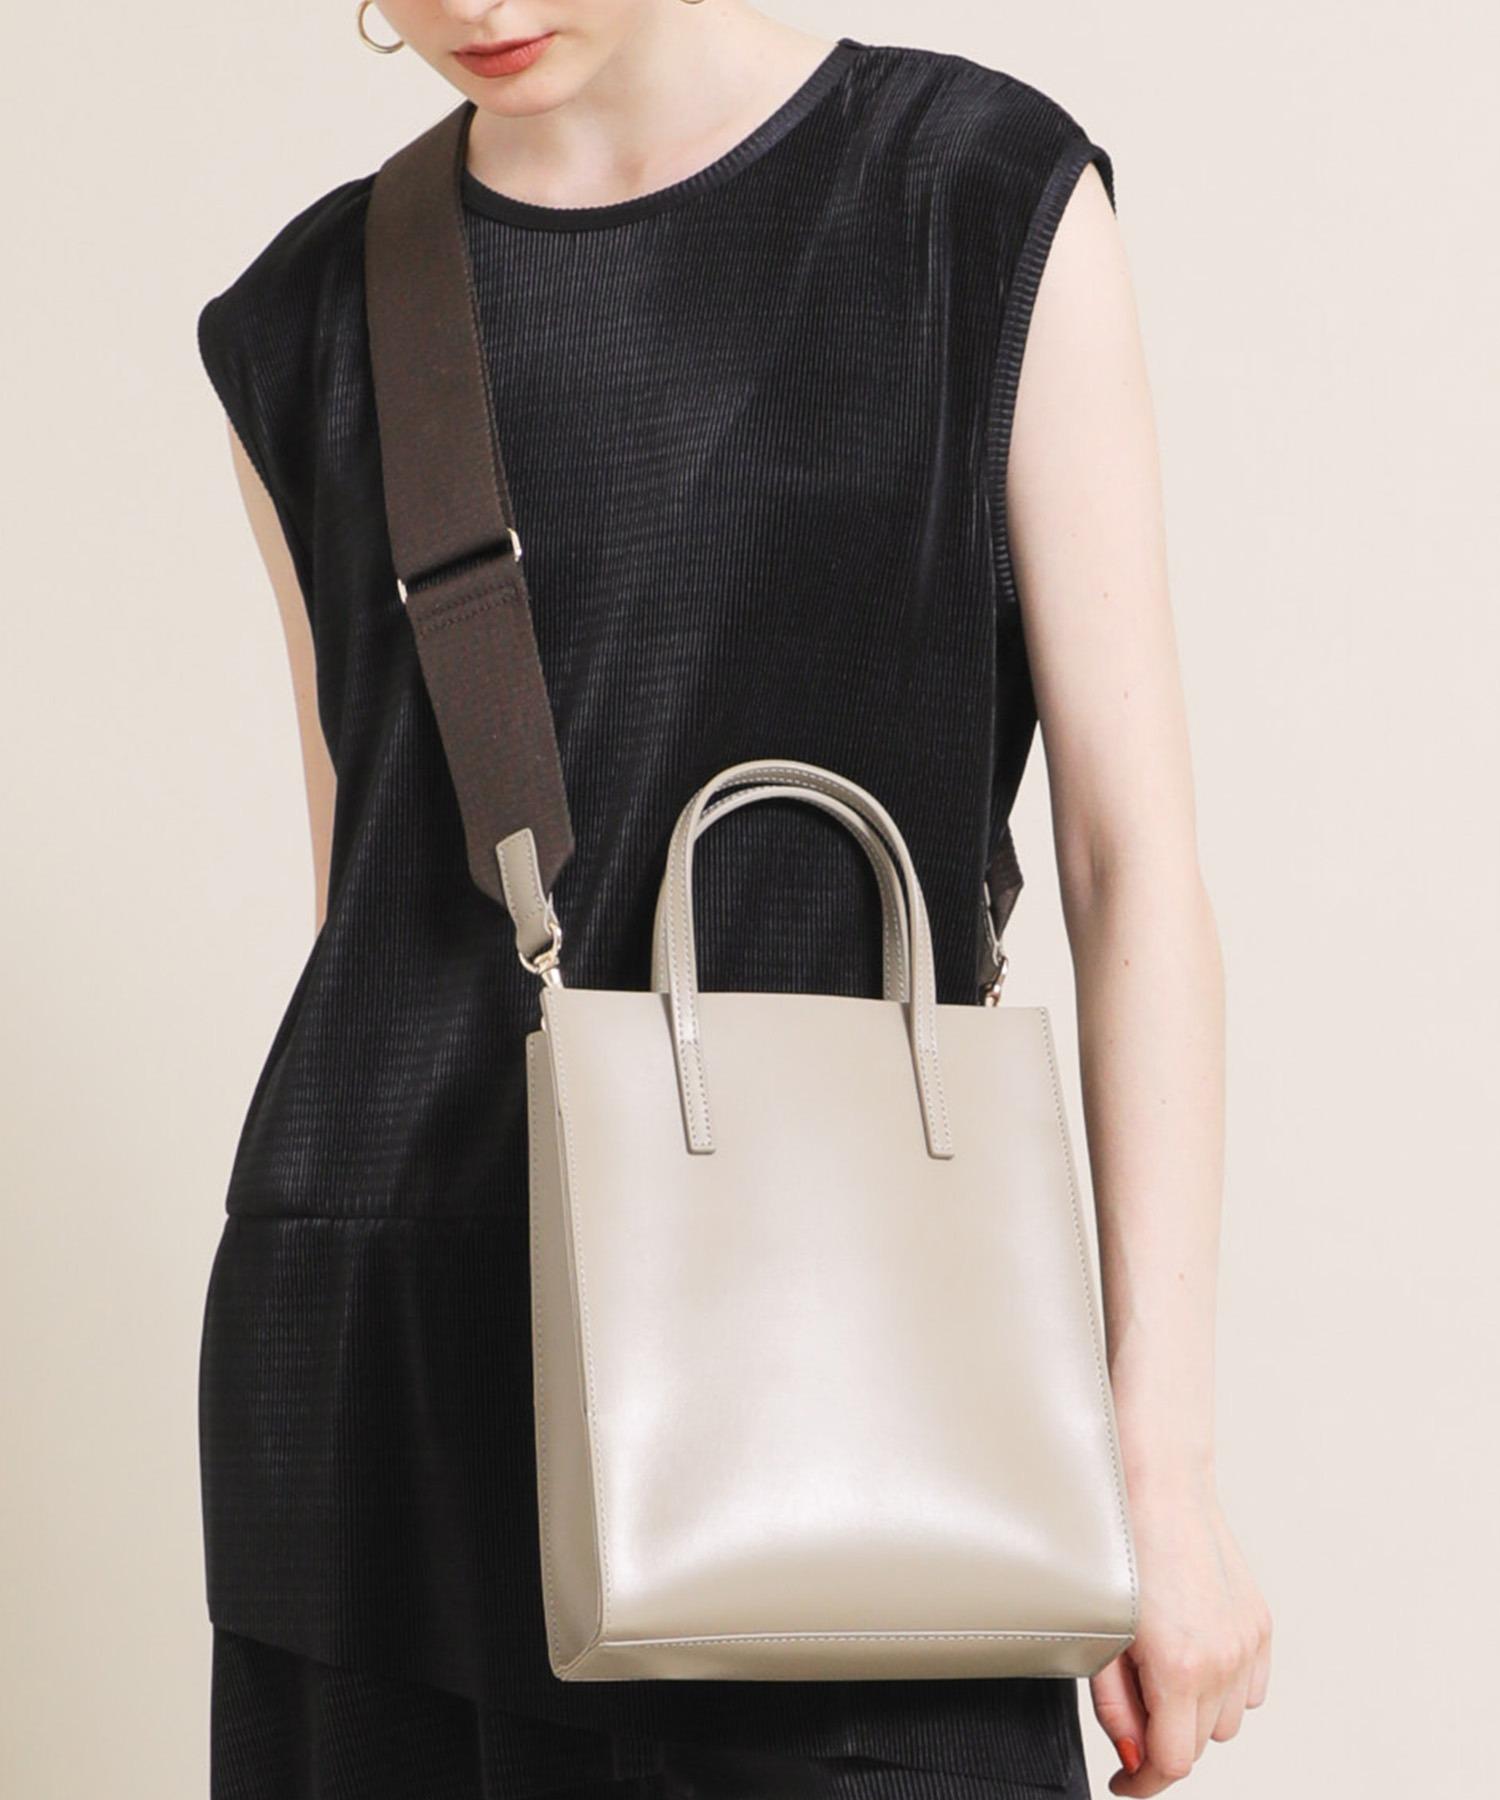 YAHKIのレディースバッグ